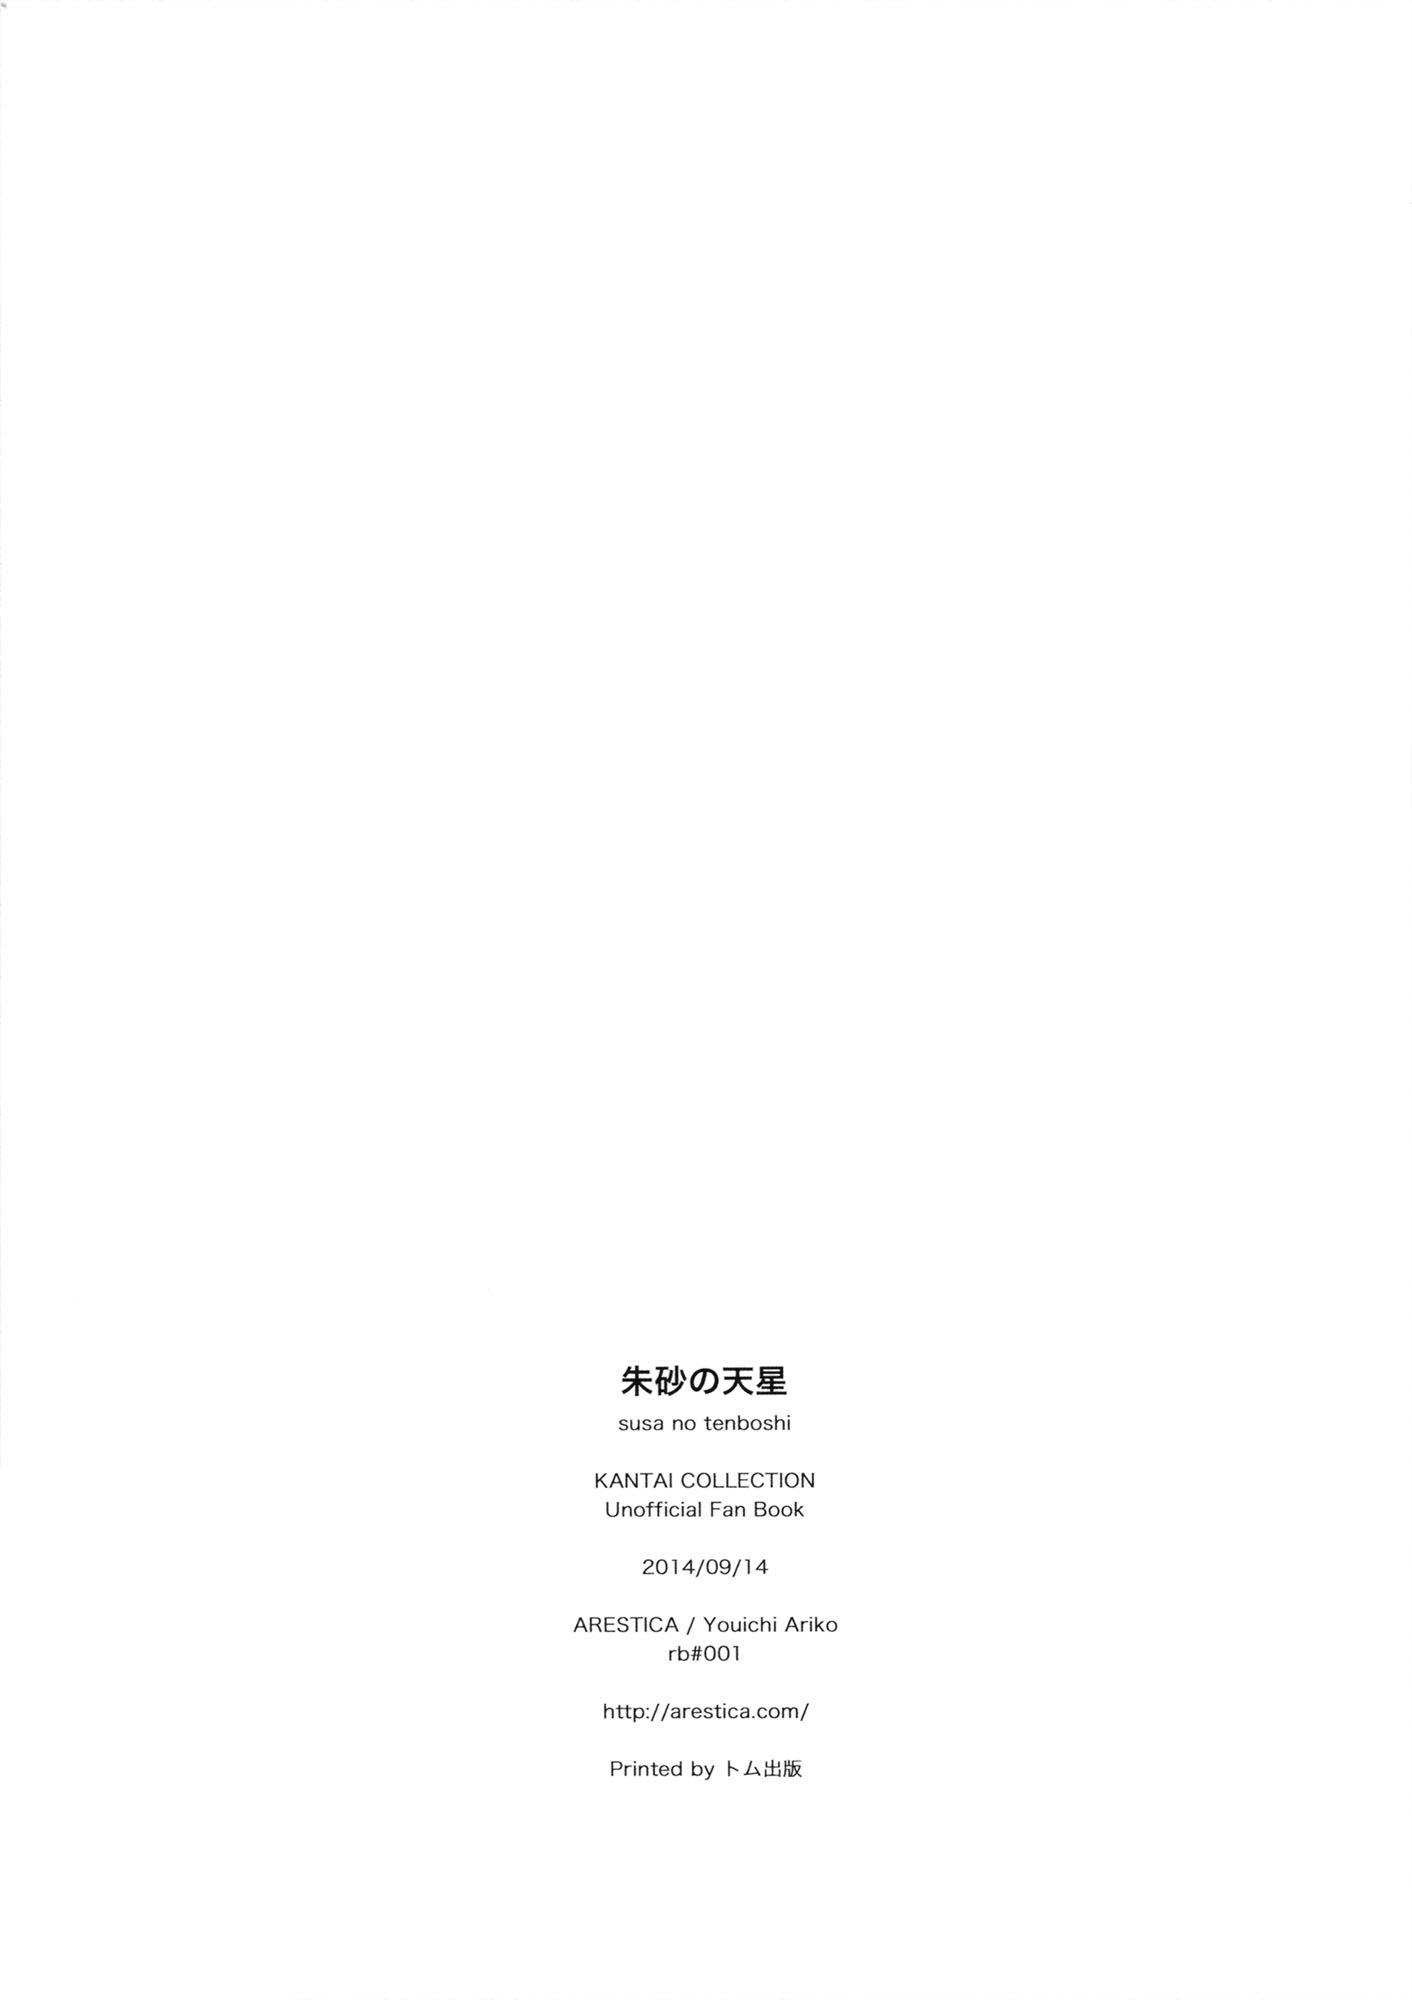 Hình ảnh H00019 trong bài viết Susa no Tenboshi